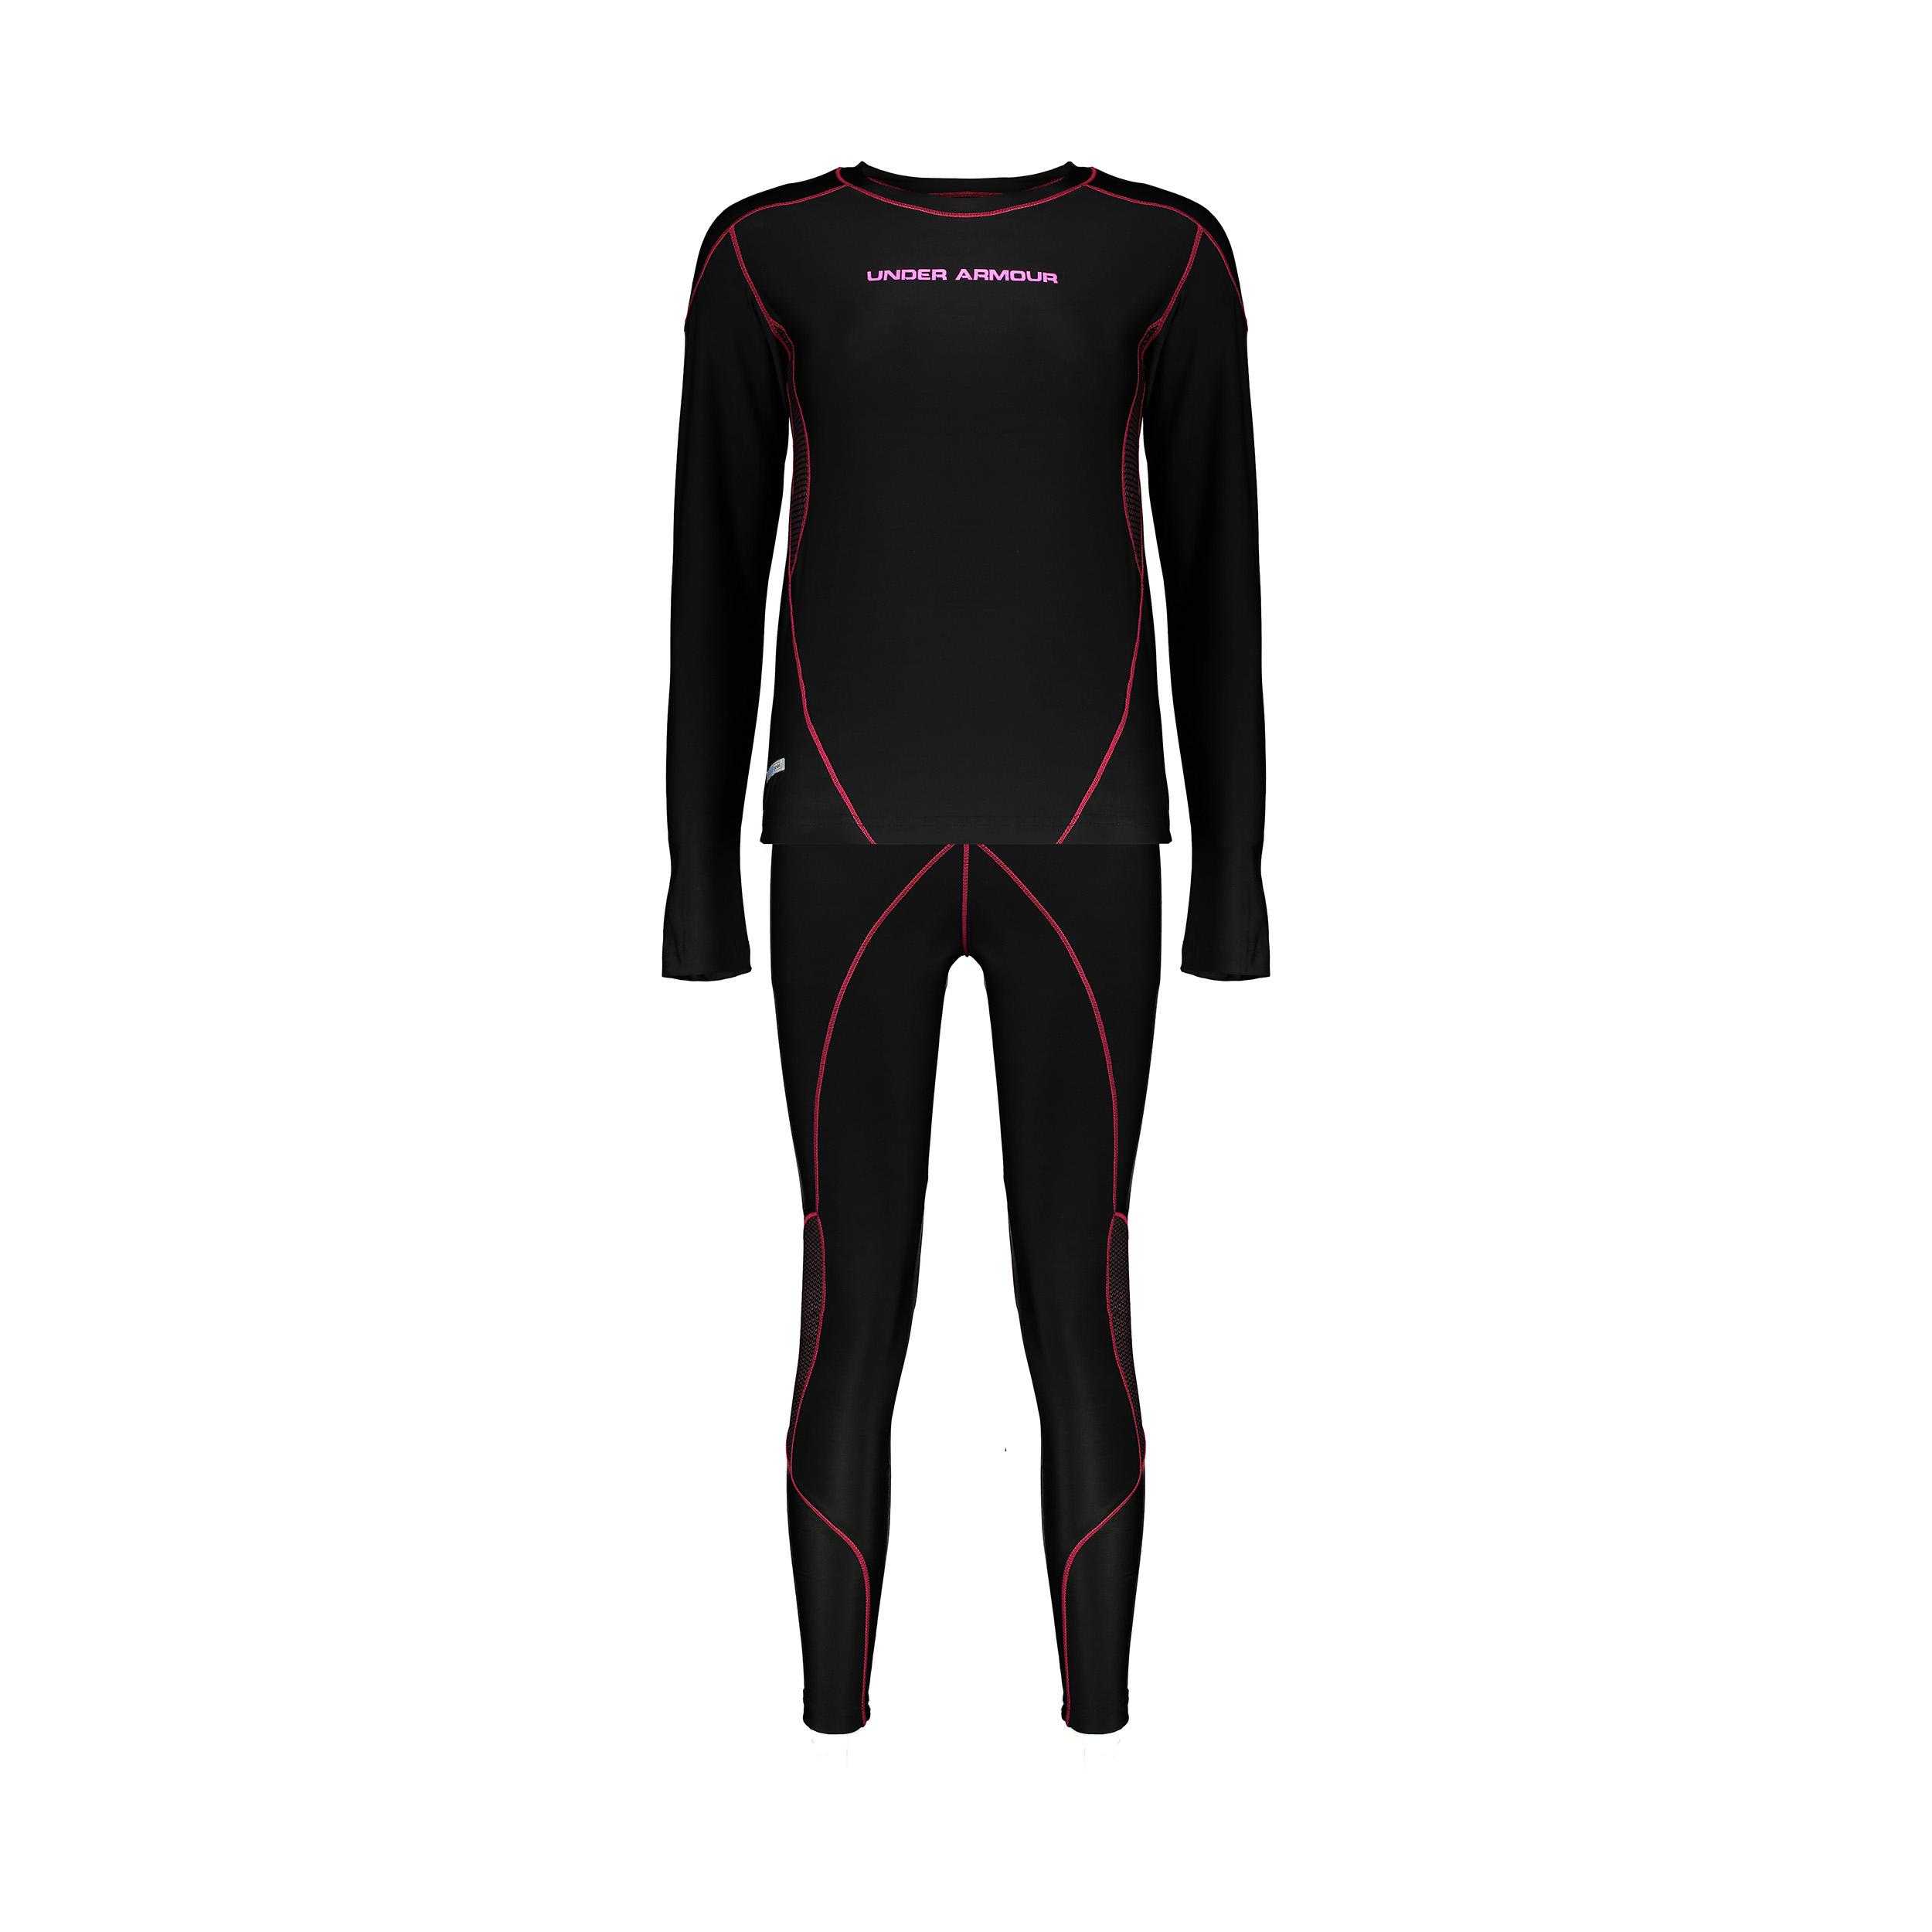 ست تی شرت و شلوار ورزشی زنانه آندر آرمور مدل cold gear کد 8440